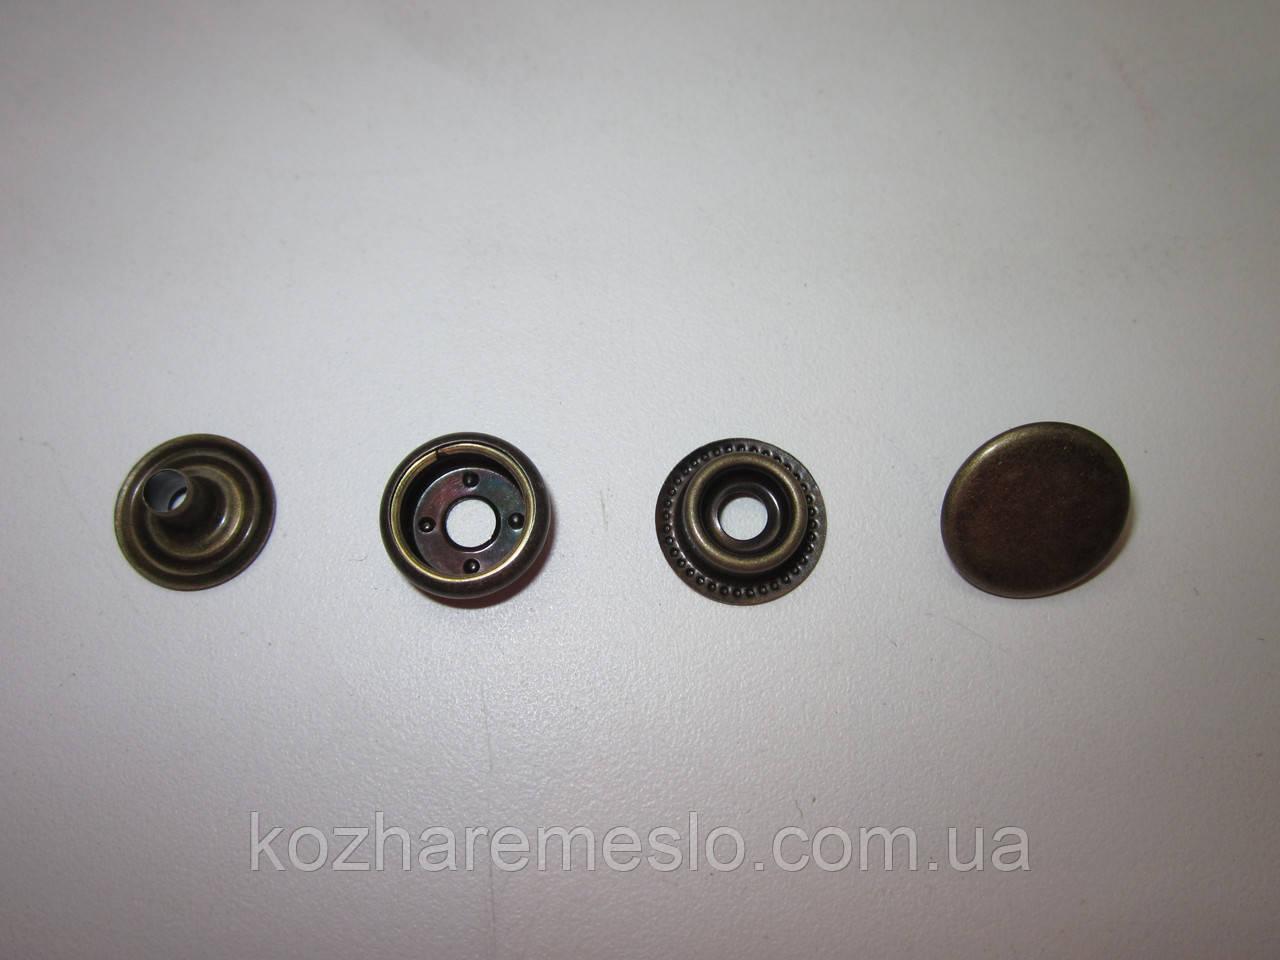 Кнопка каппа 15мм антик